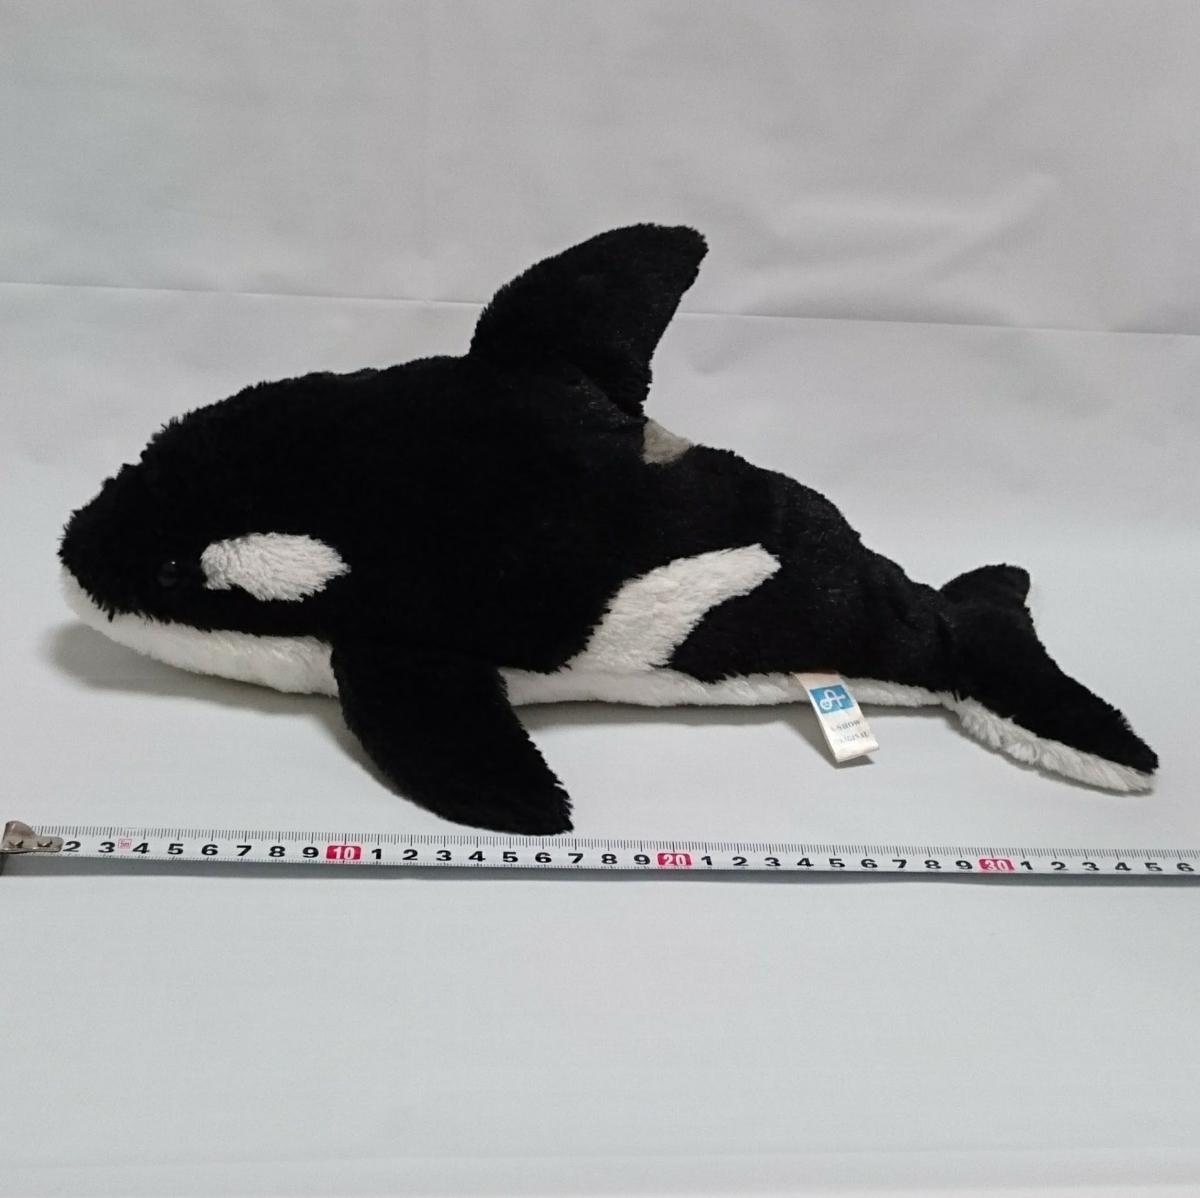 シャチ ぬいぐるみ A,SHOW ☆ オルカ 水族館 マスコットの1番目の画像